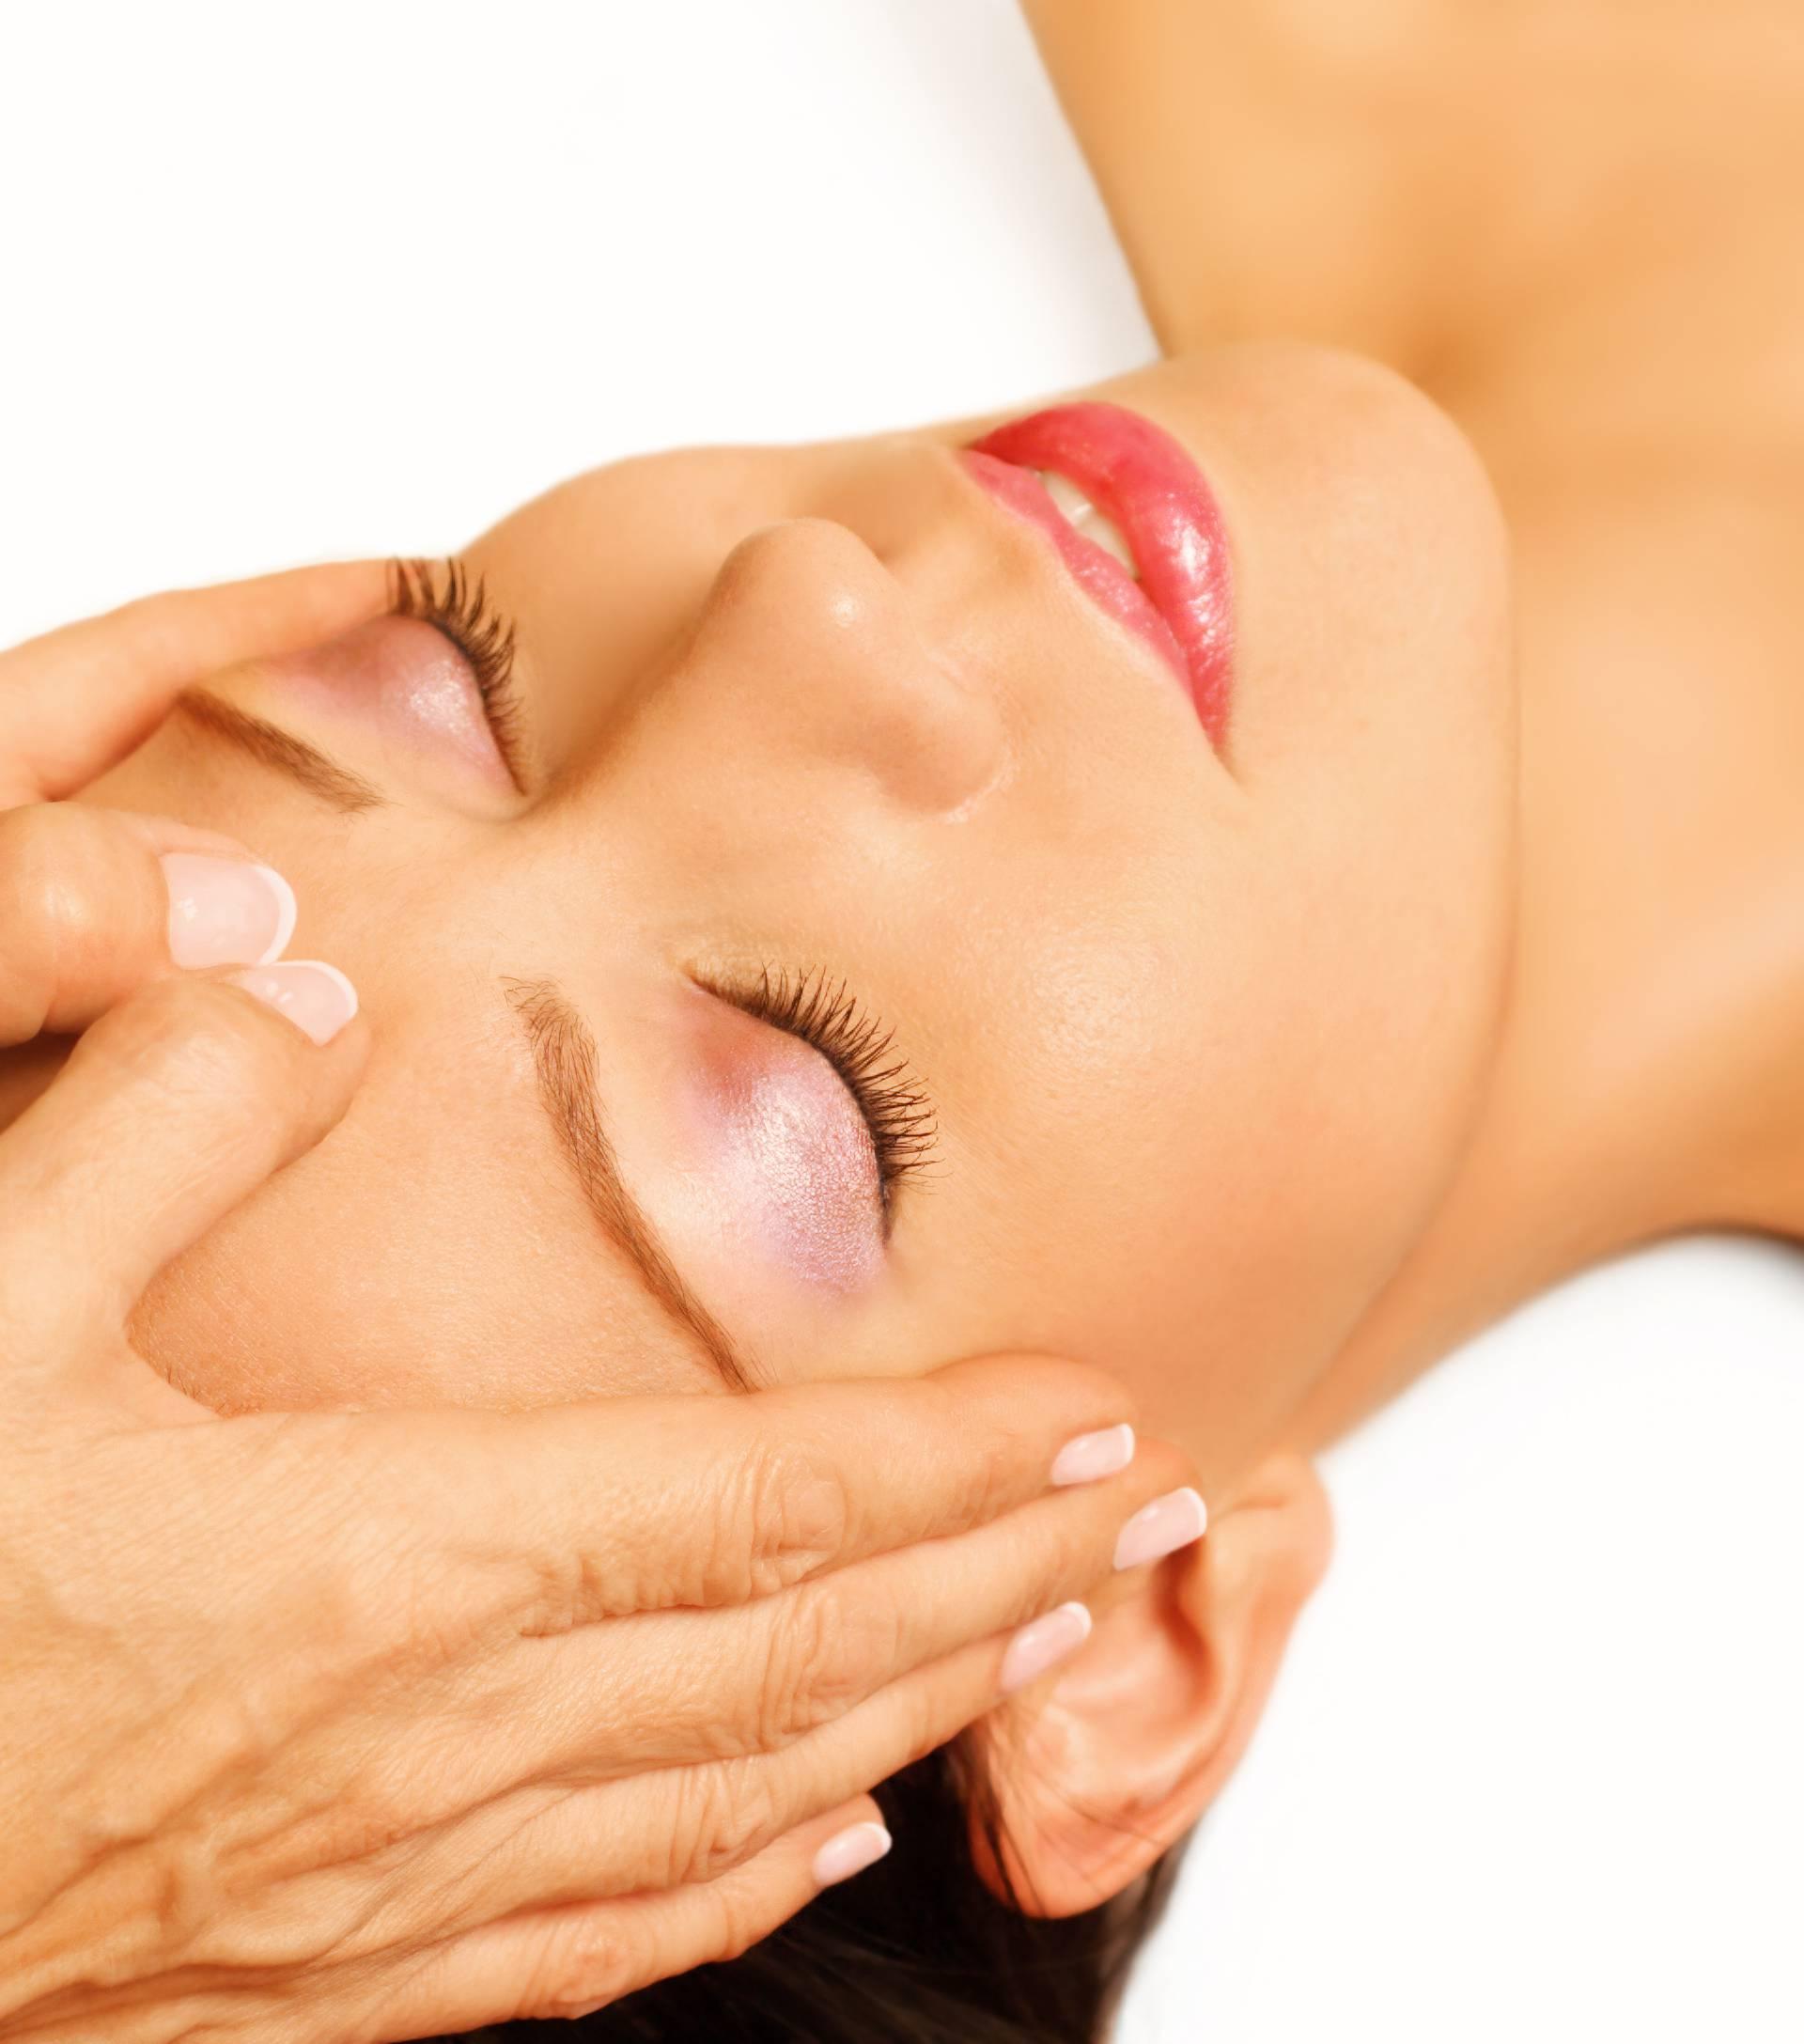 Tajni jezik za ozdravljenje tijela - naučite iscijeliti sami sebe...